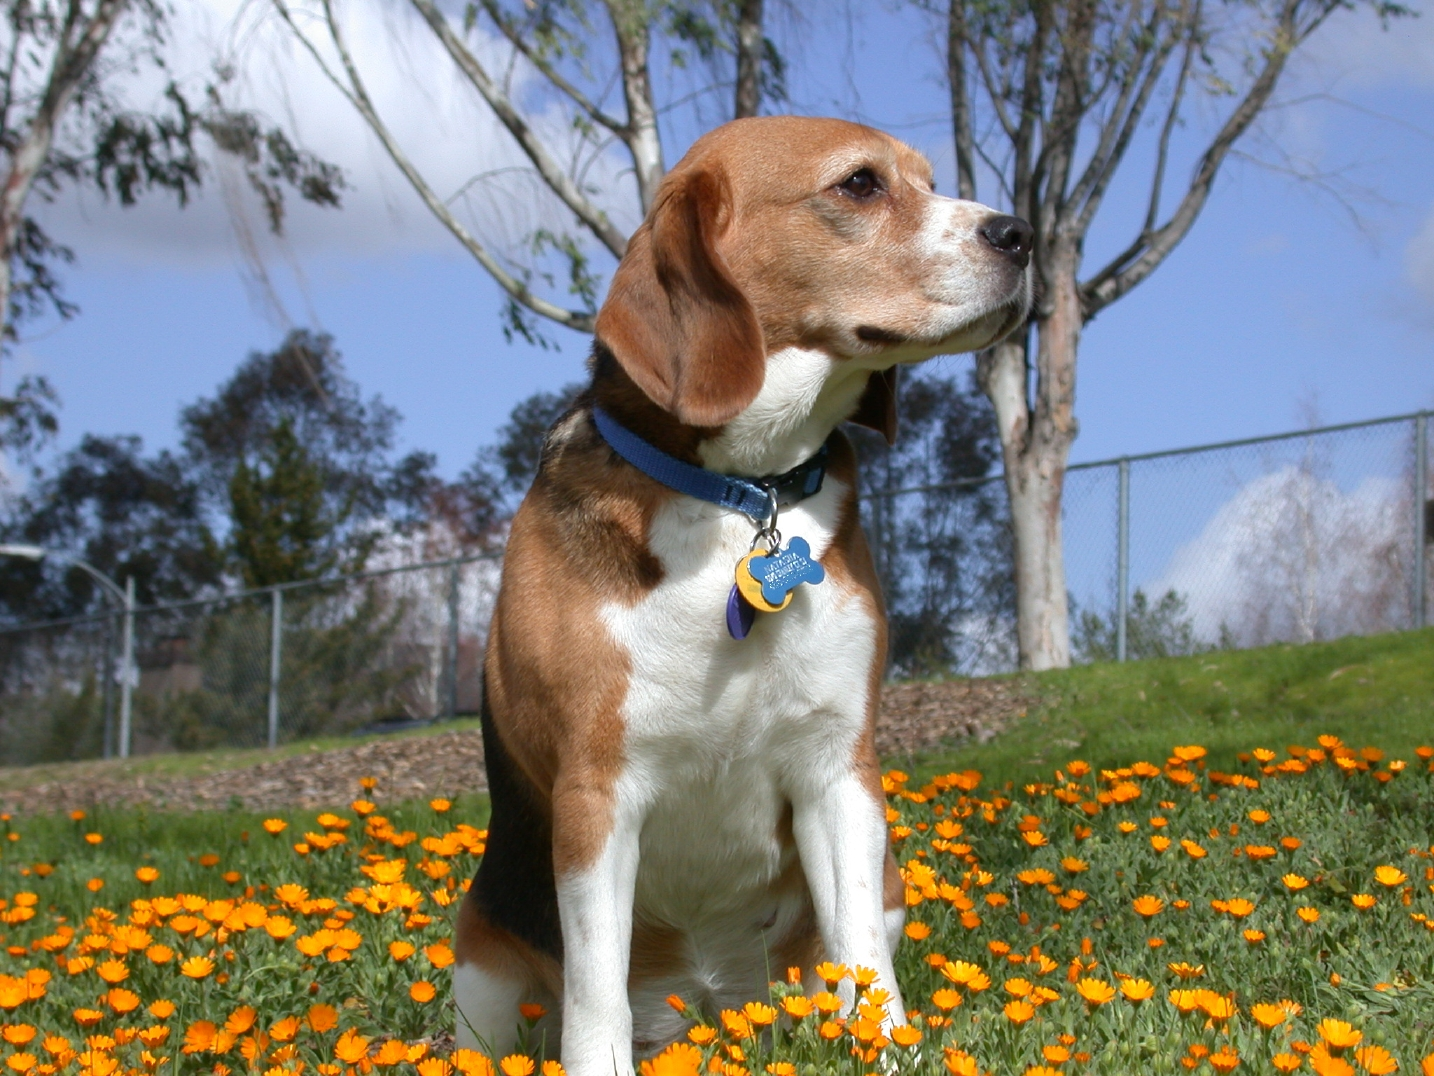 Beagle Dog Images Free